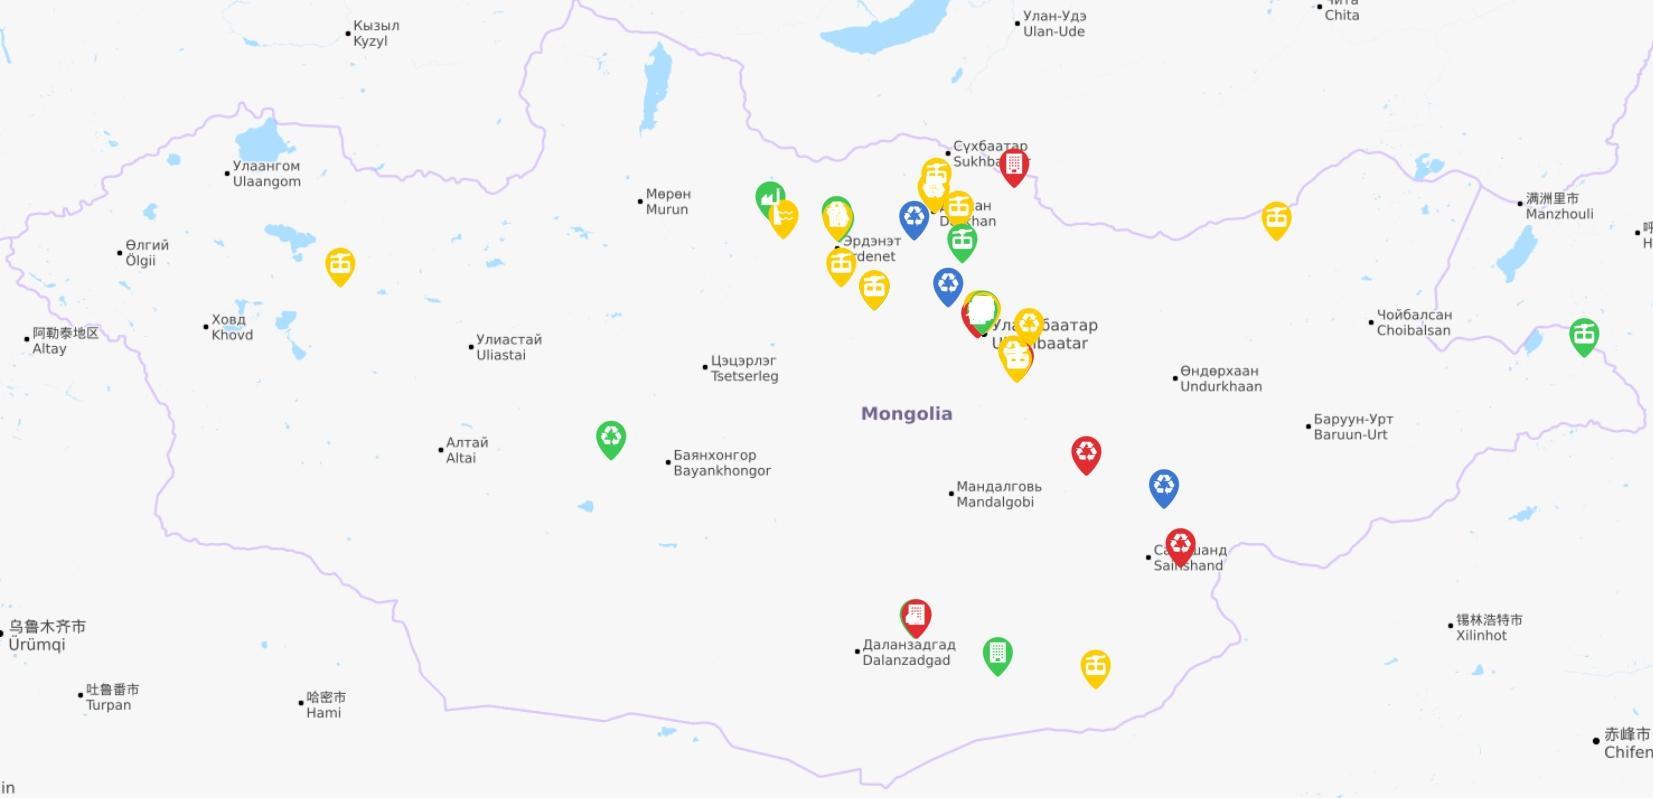 Монгол Улсын Хөгжлийн банкнаас шууд санхүүжүүлсэн төслүүд